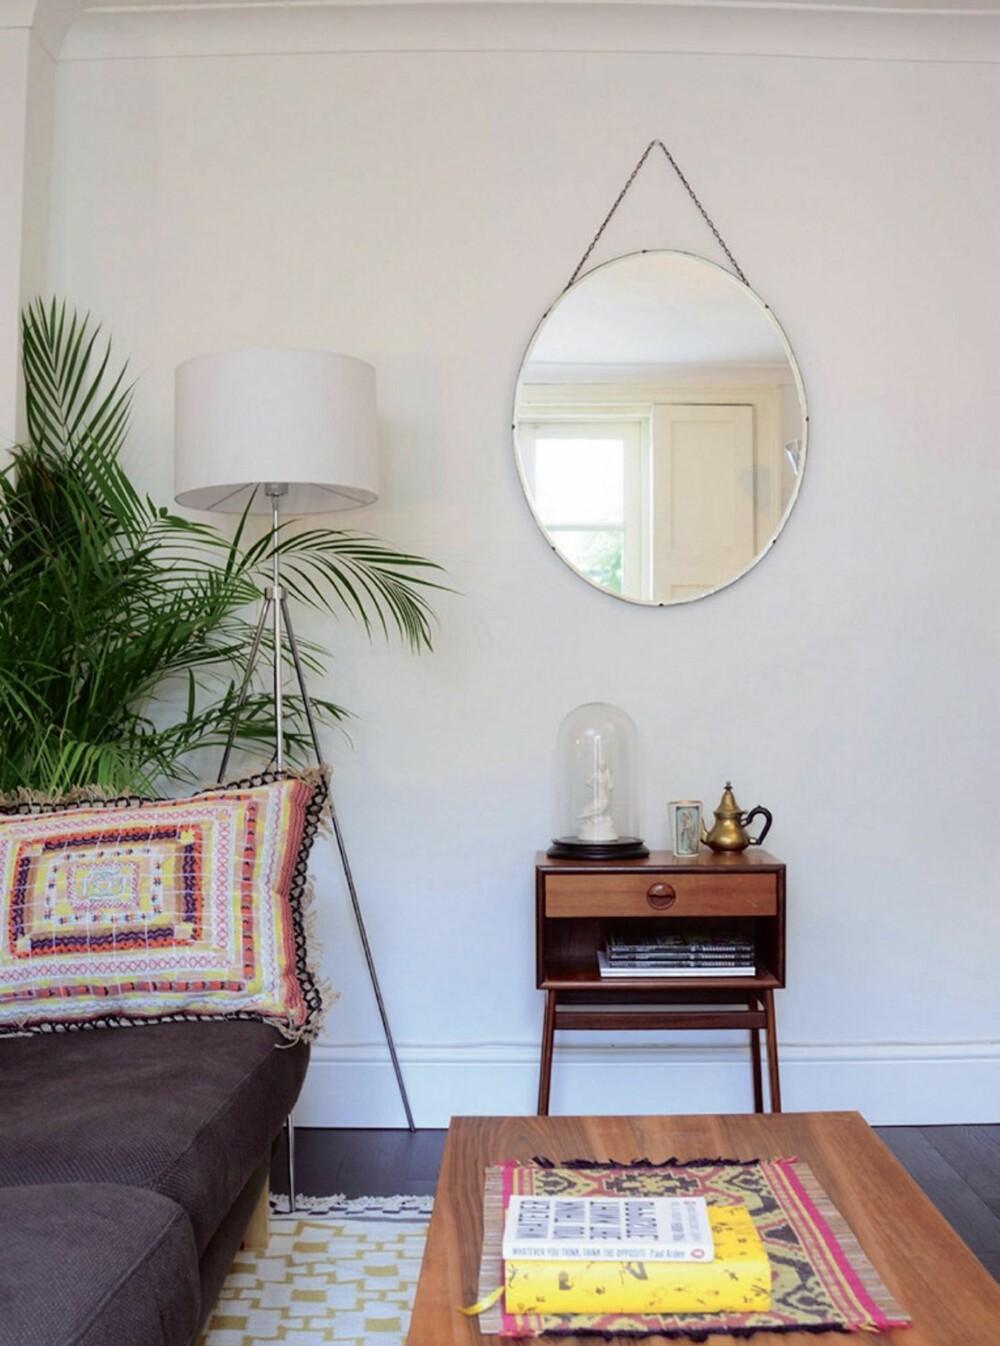 LUN STUE: Planter og fargerike tekstiler gir stuen varme. Speilet er  vintage fra en butikk i Stoke Newington i London.